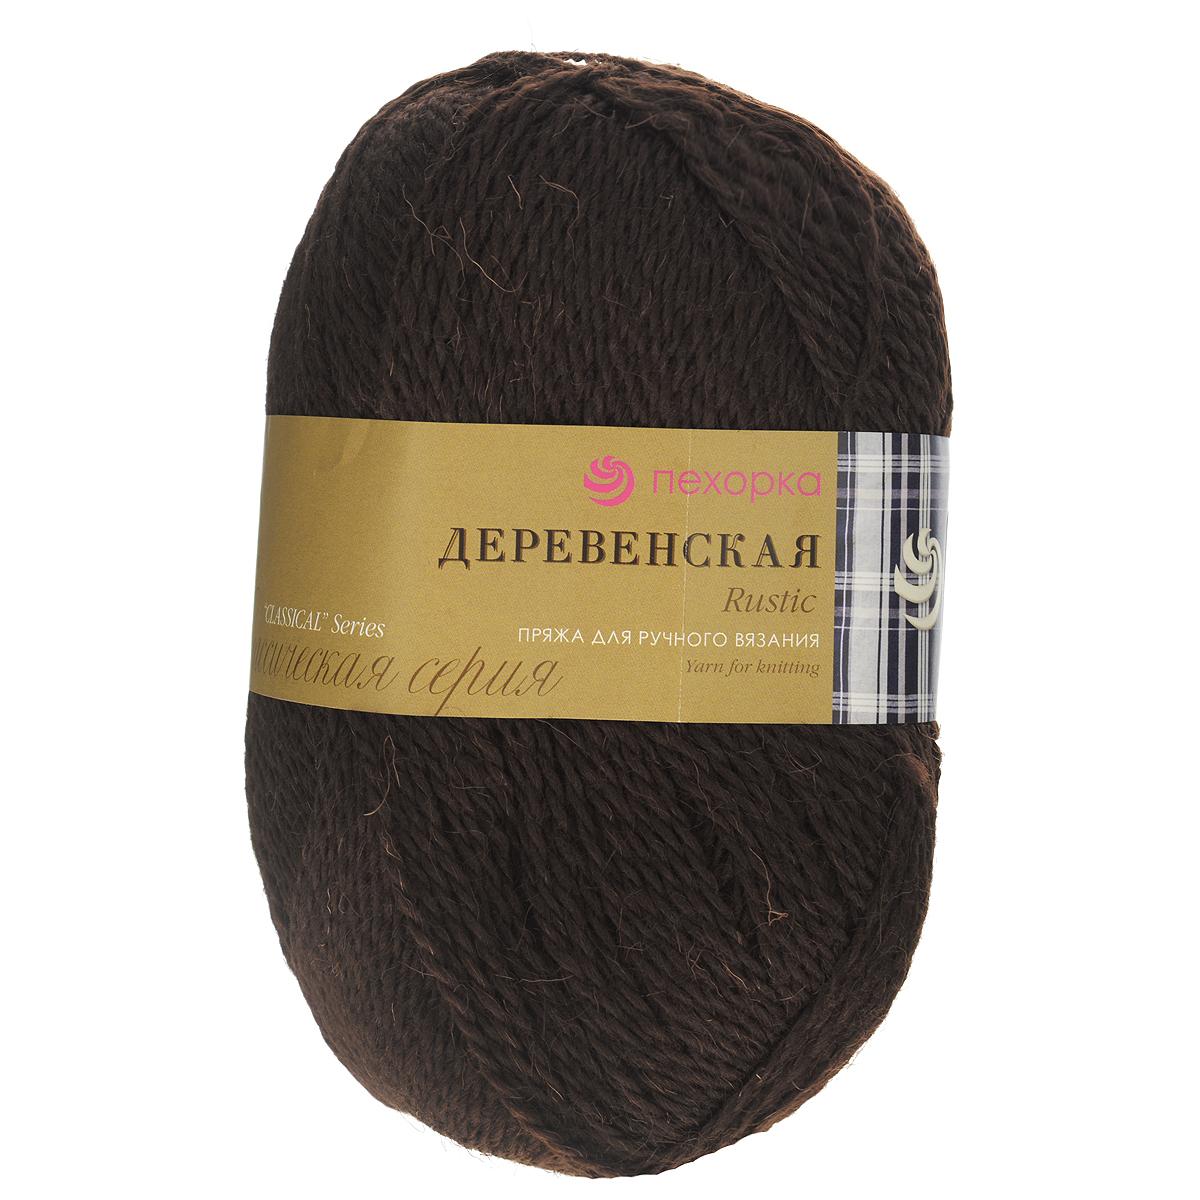 Пряжа для вязания Пехорка Деревенская, цвет: шоколад (17), 250 м, 100 г, 10 шт360039_17_17-ШоколадПряжа для вязания Пехорка Деревенская изготовлена из 100% полугрубой шерсти. Деревенской названа потому что, в те прошлые далекие годы наши бабушки обрабатывали шерсть вручную, выпрядали пряжу и вязали рукавицы, носки, жилетки, свитера. Такой трикотаж получается колючий, но теплый, а также прекрасно держит форму. Рекомендуемые спицы для вязания №3,5. Толщина нити: 2 мм.